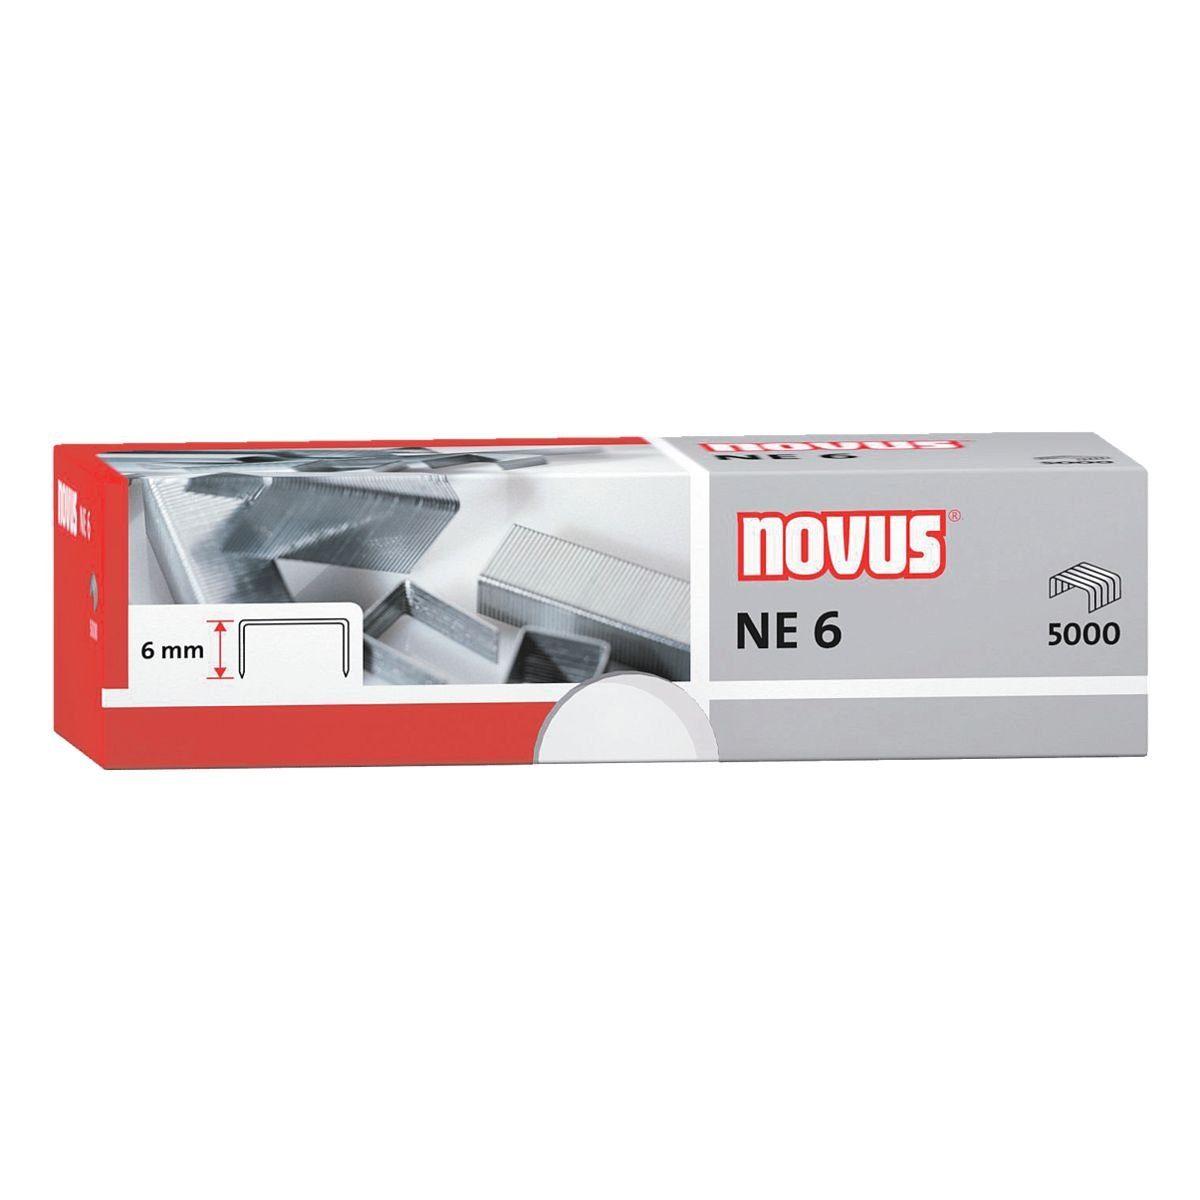 Novus Heftklammern für Blockhefter 042-0000 »NE 6«